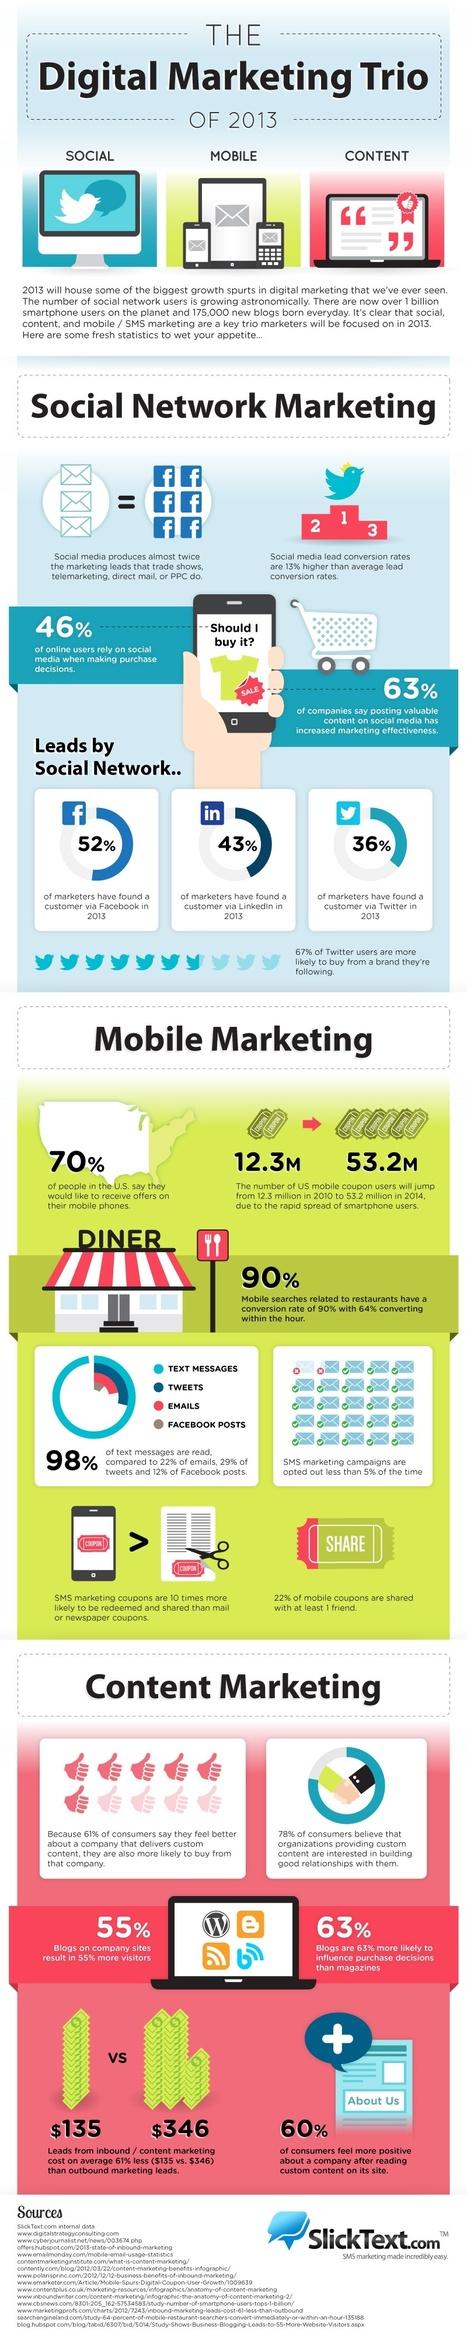 Le marketing digital et ses grands enjeux : SOcial, COntenu et MObile   Innovations, Applications, technologies   Scoop.it